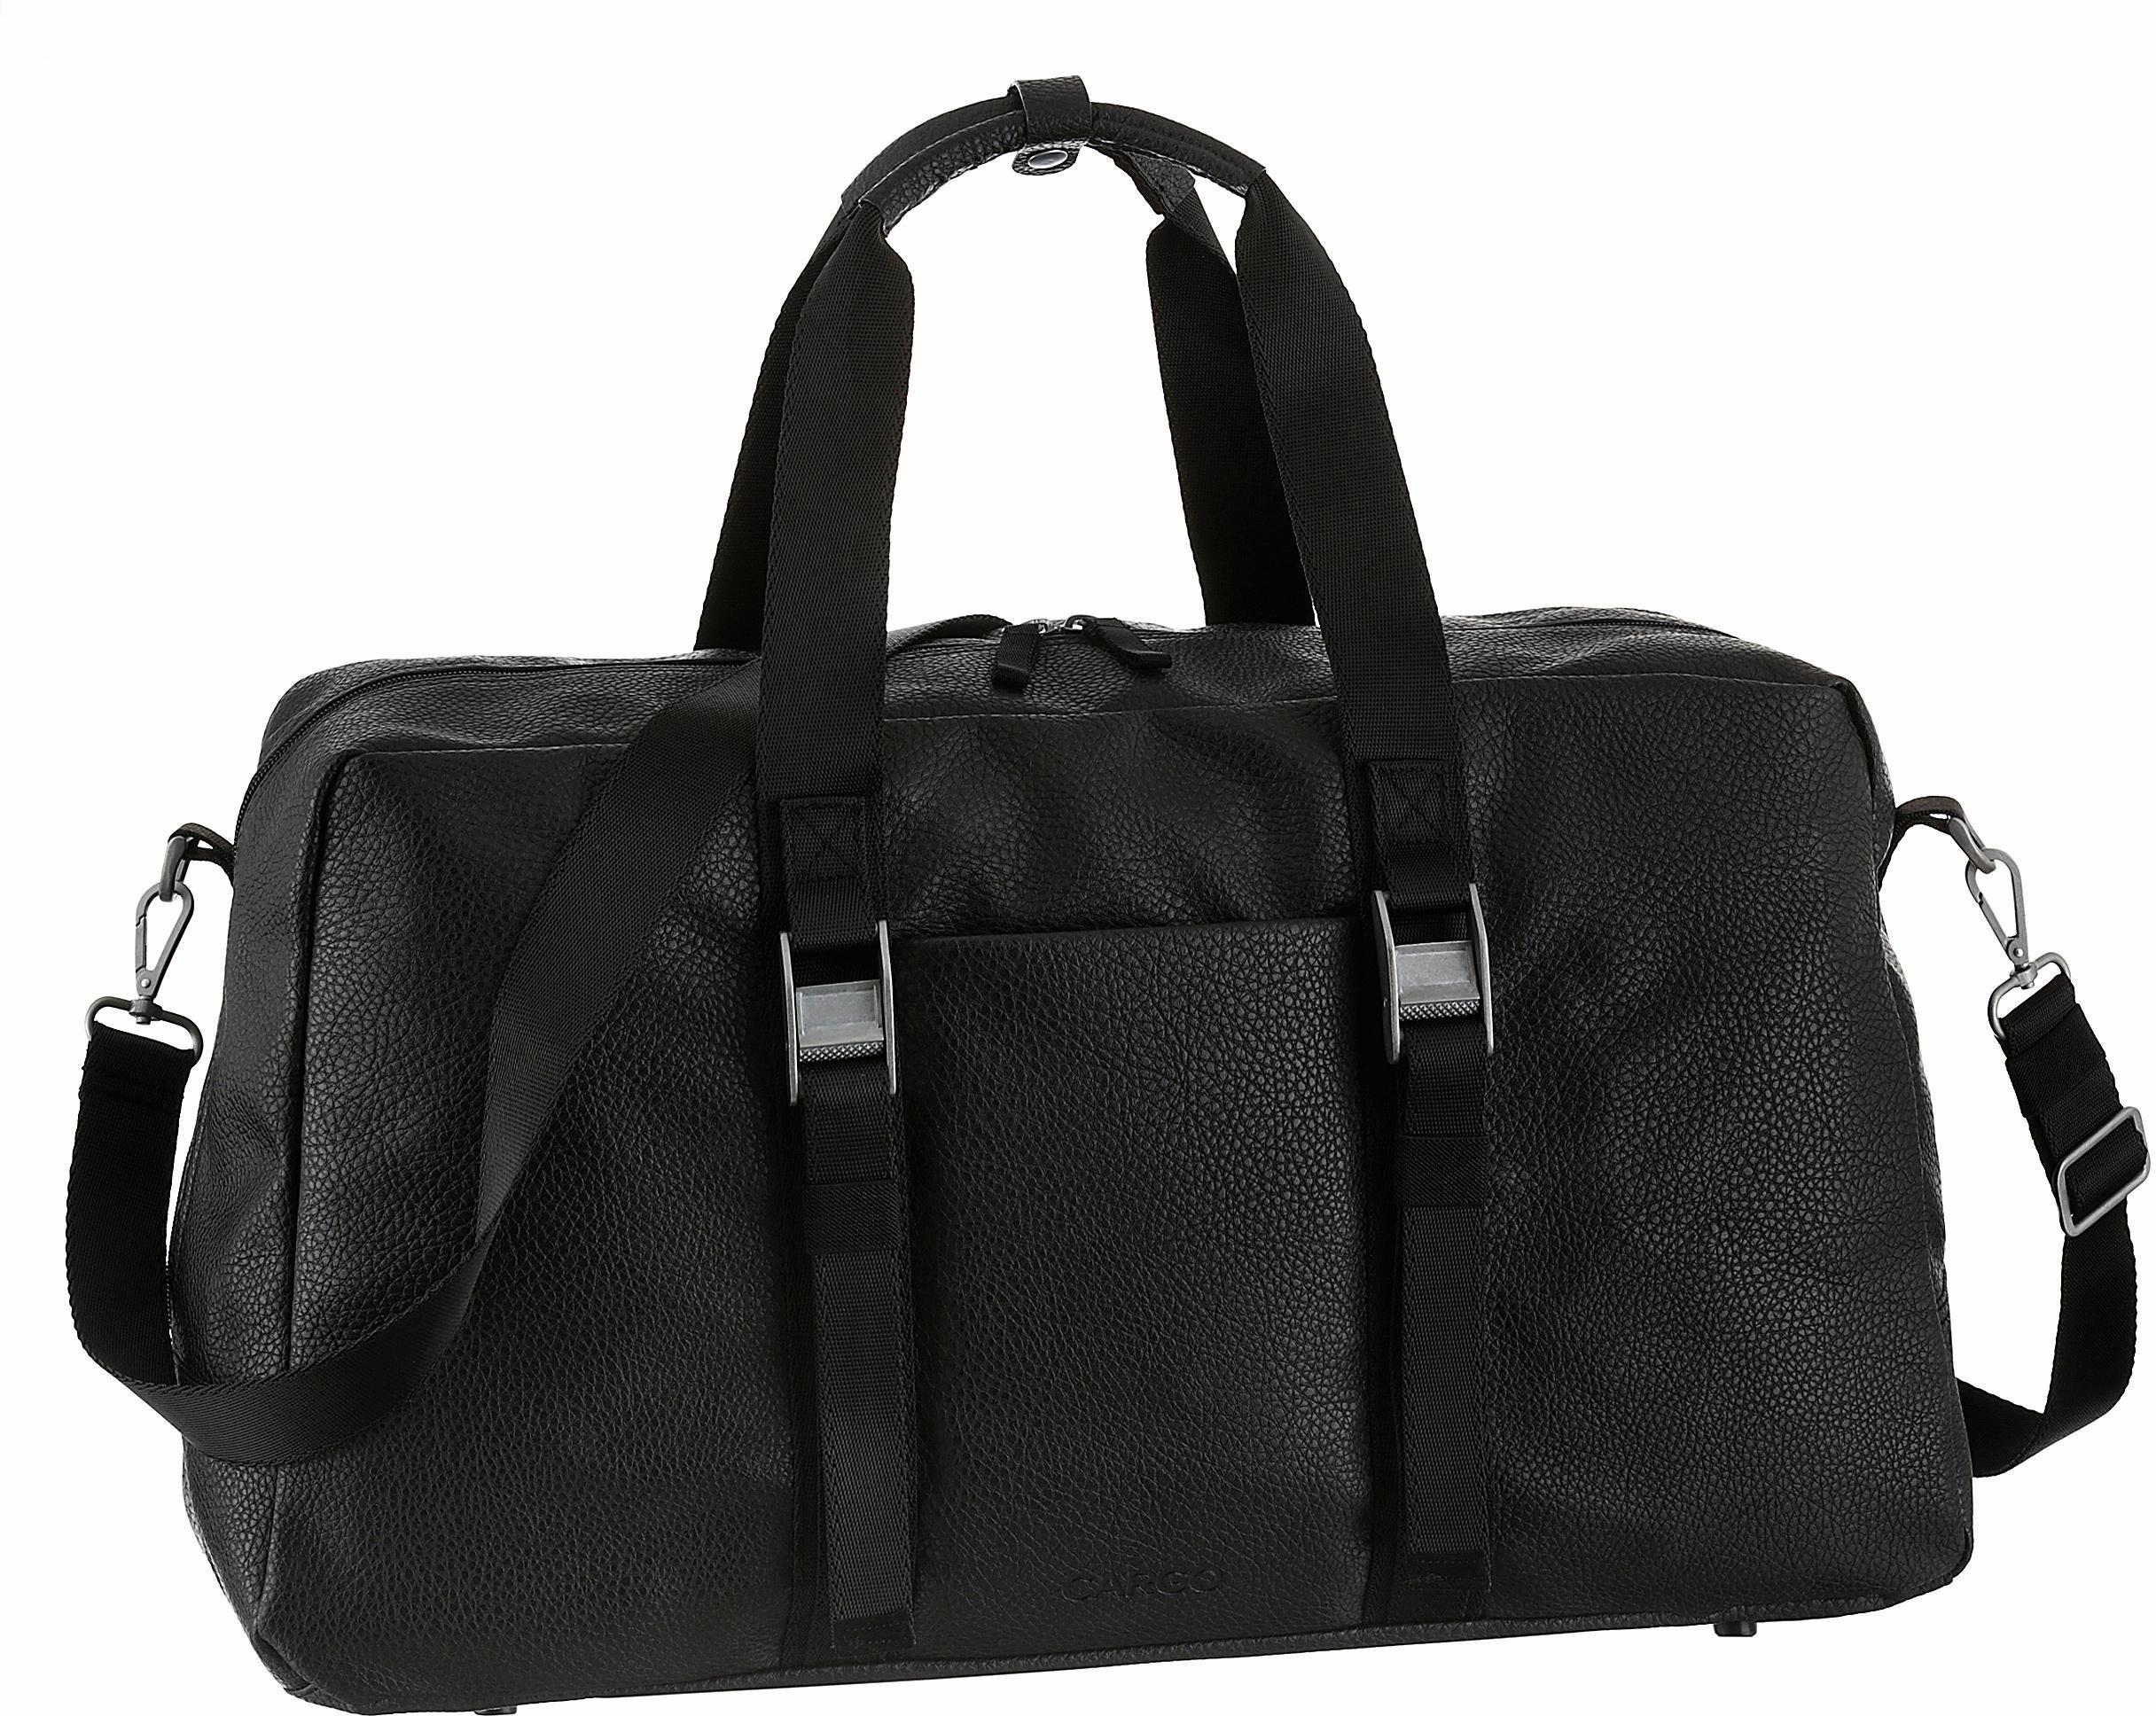 CARGO Reisetasche, »Cargo 302, schwarz, 55 cm«